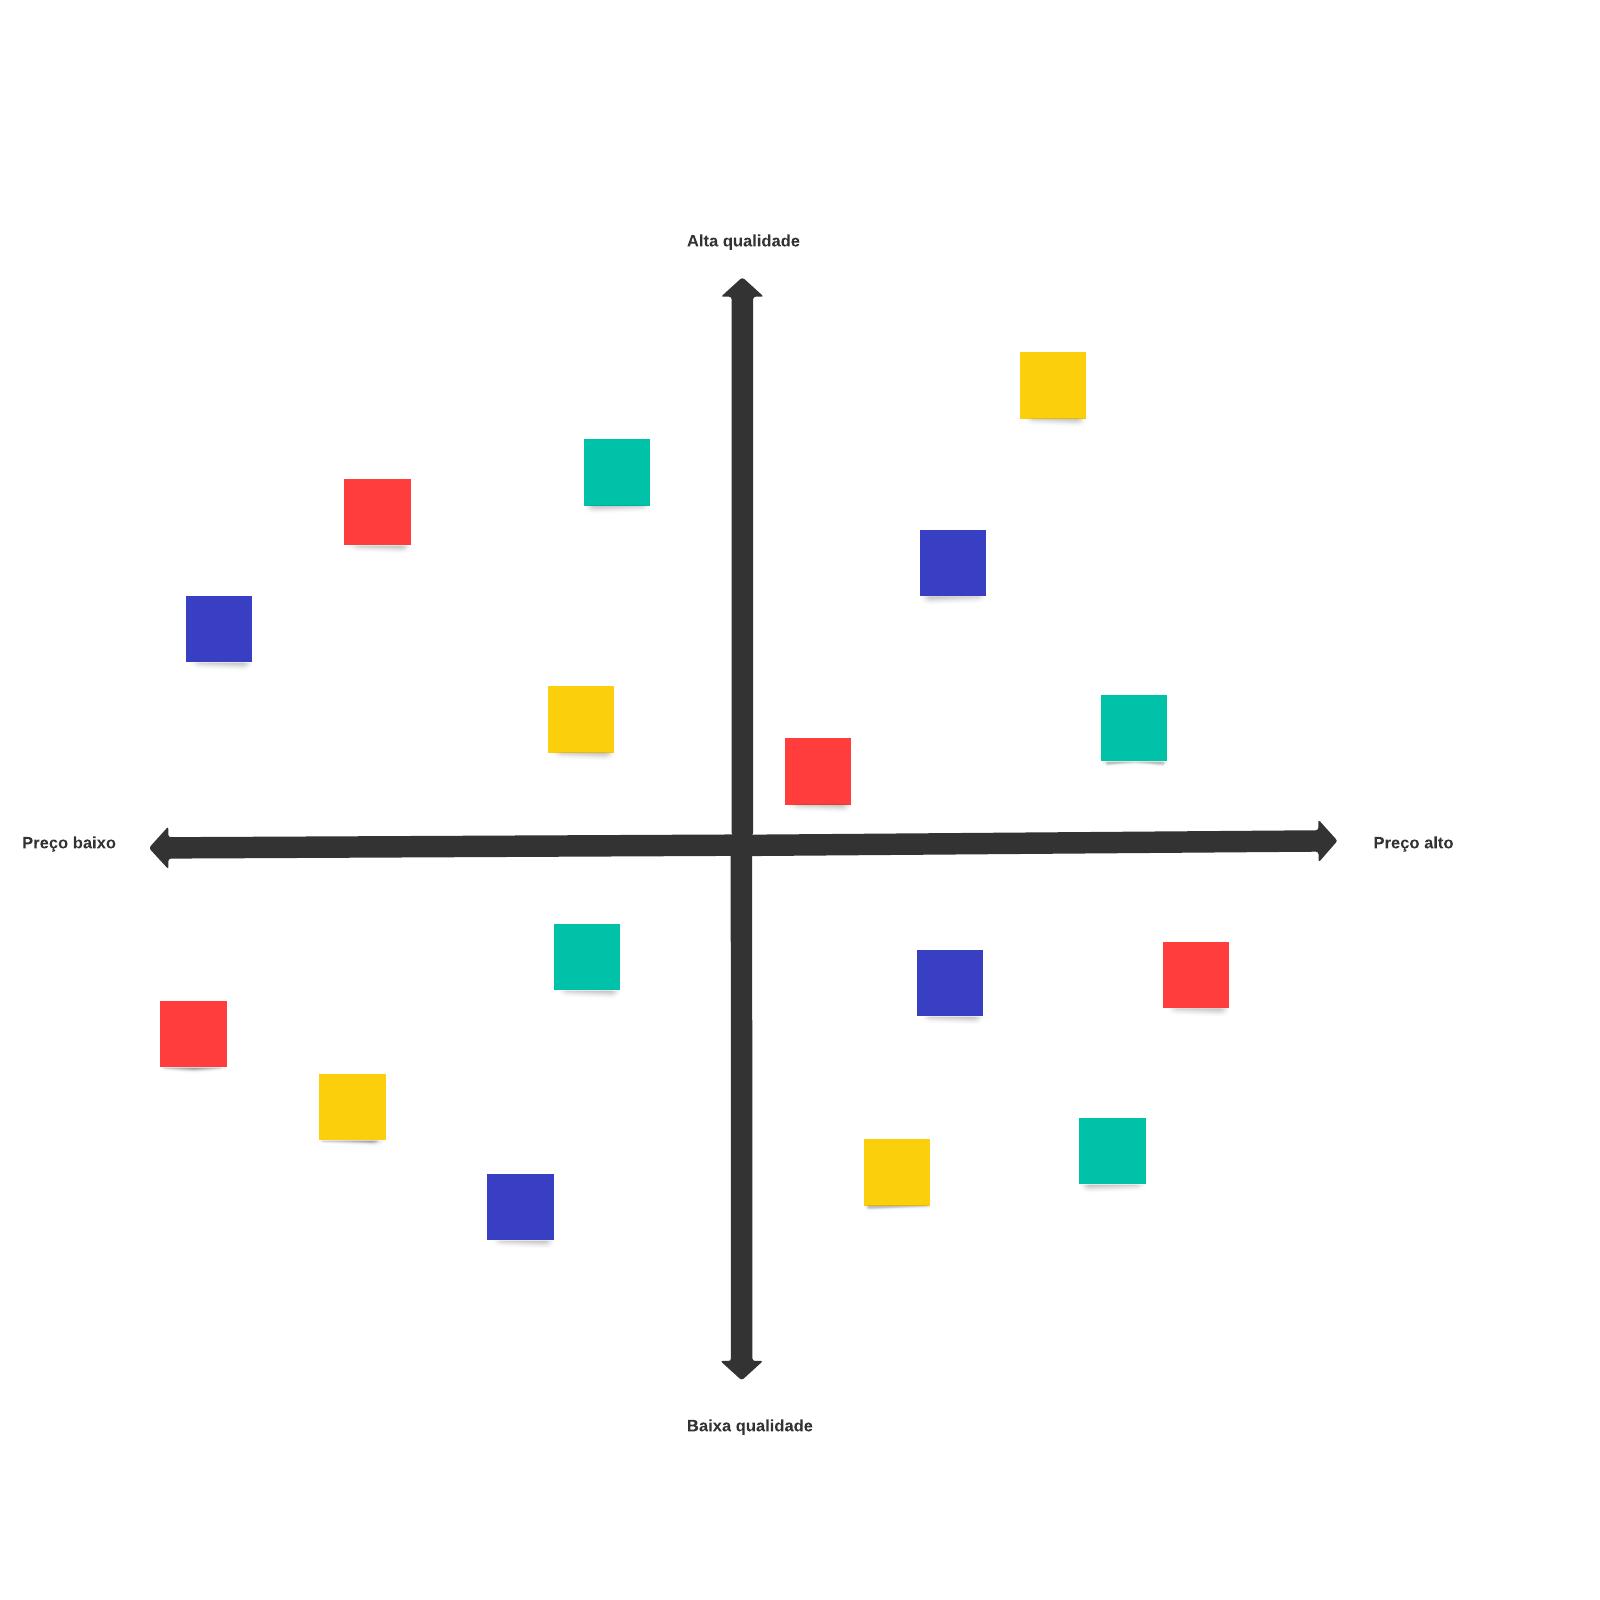 Modelo de mapa perceptivo